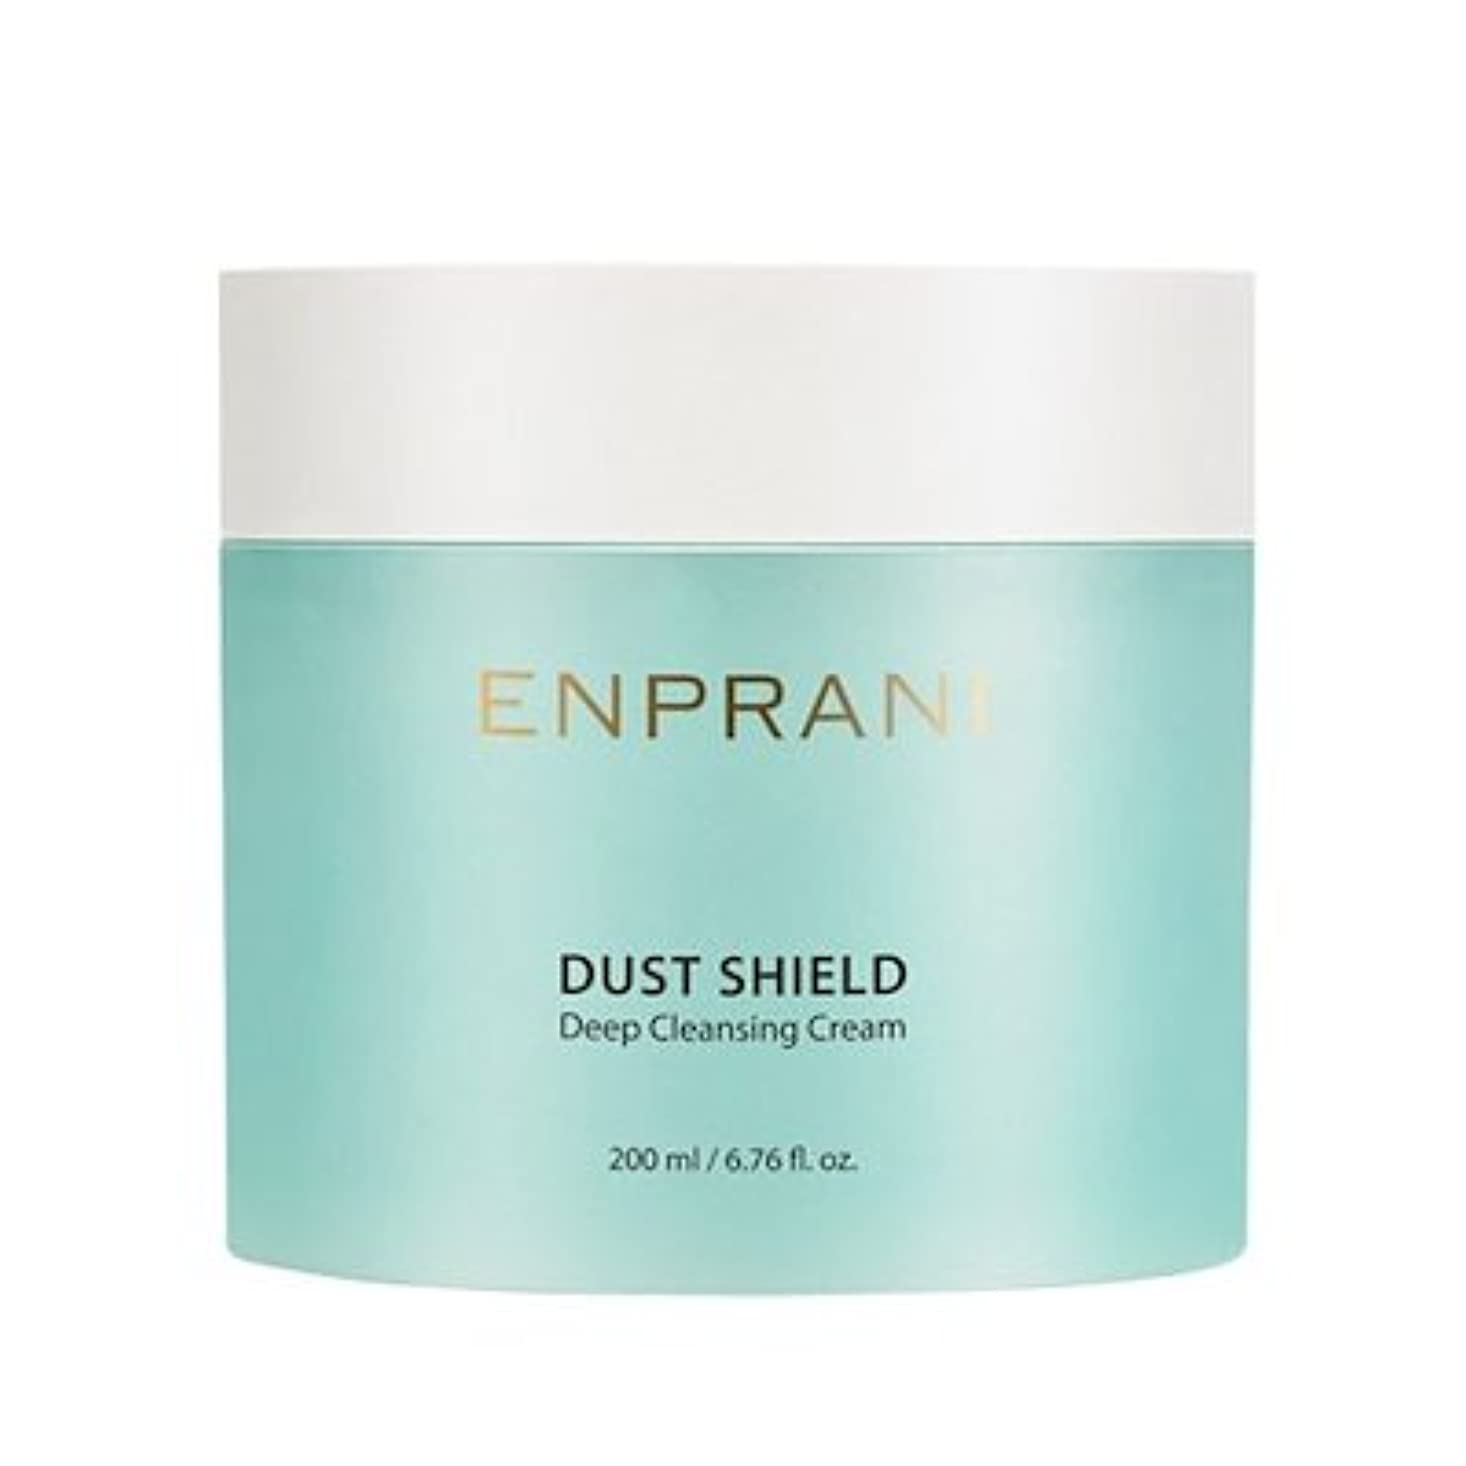 くちばしフロンティアケージENPRANI Dust Shield Deep Cleansing Cream エンプラニ ダストシールドディープクレンジングクリーム200ml [並行輸入品]